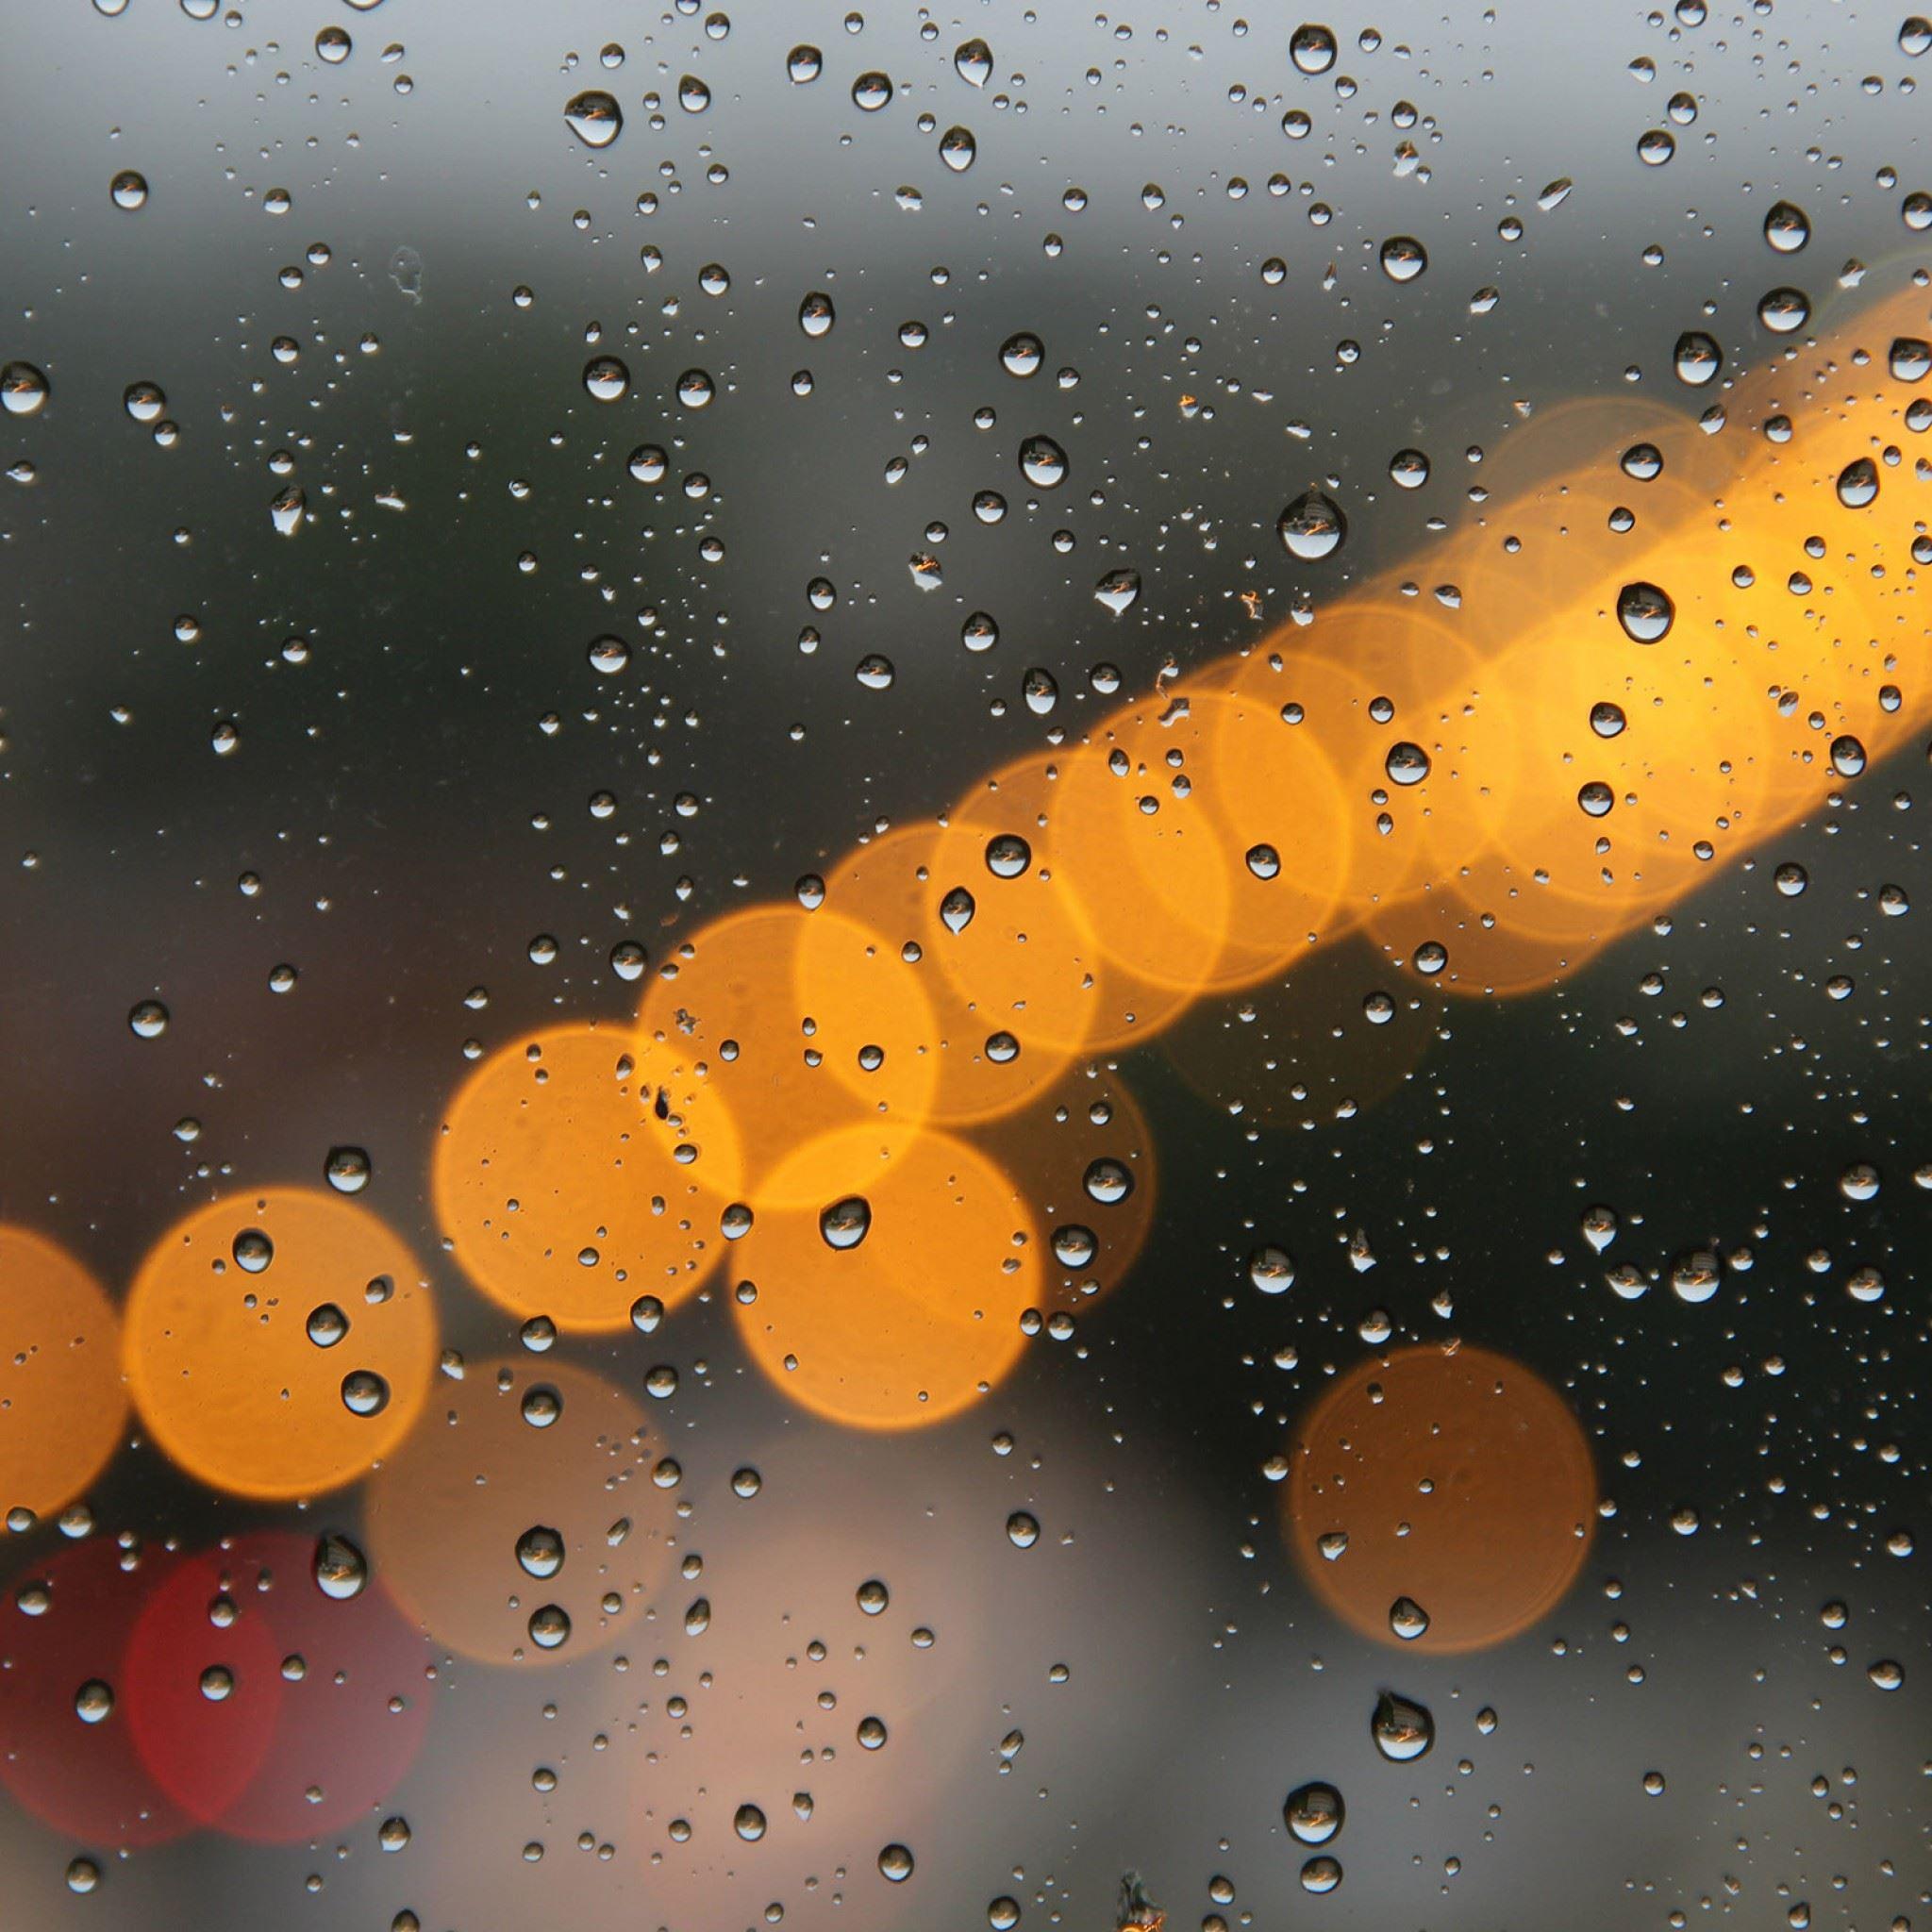 Light Rainwater Night iPad Air wallpaper